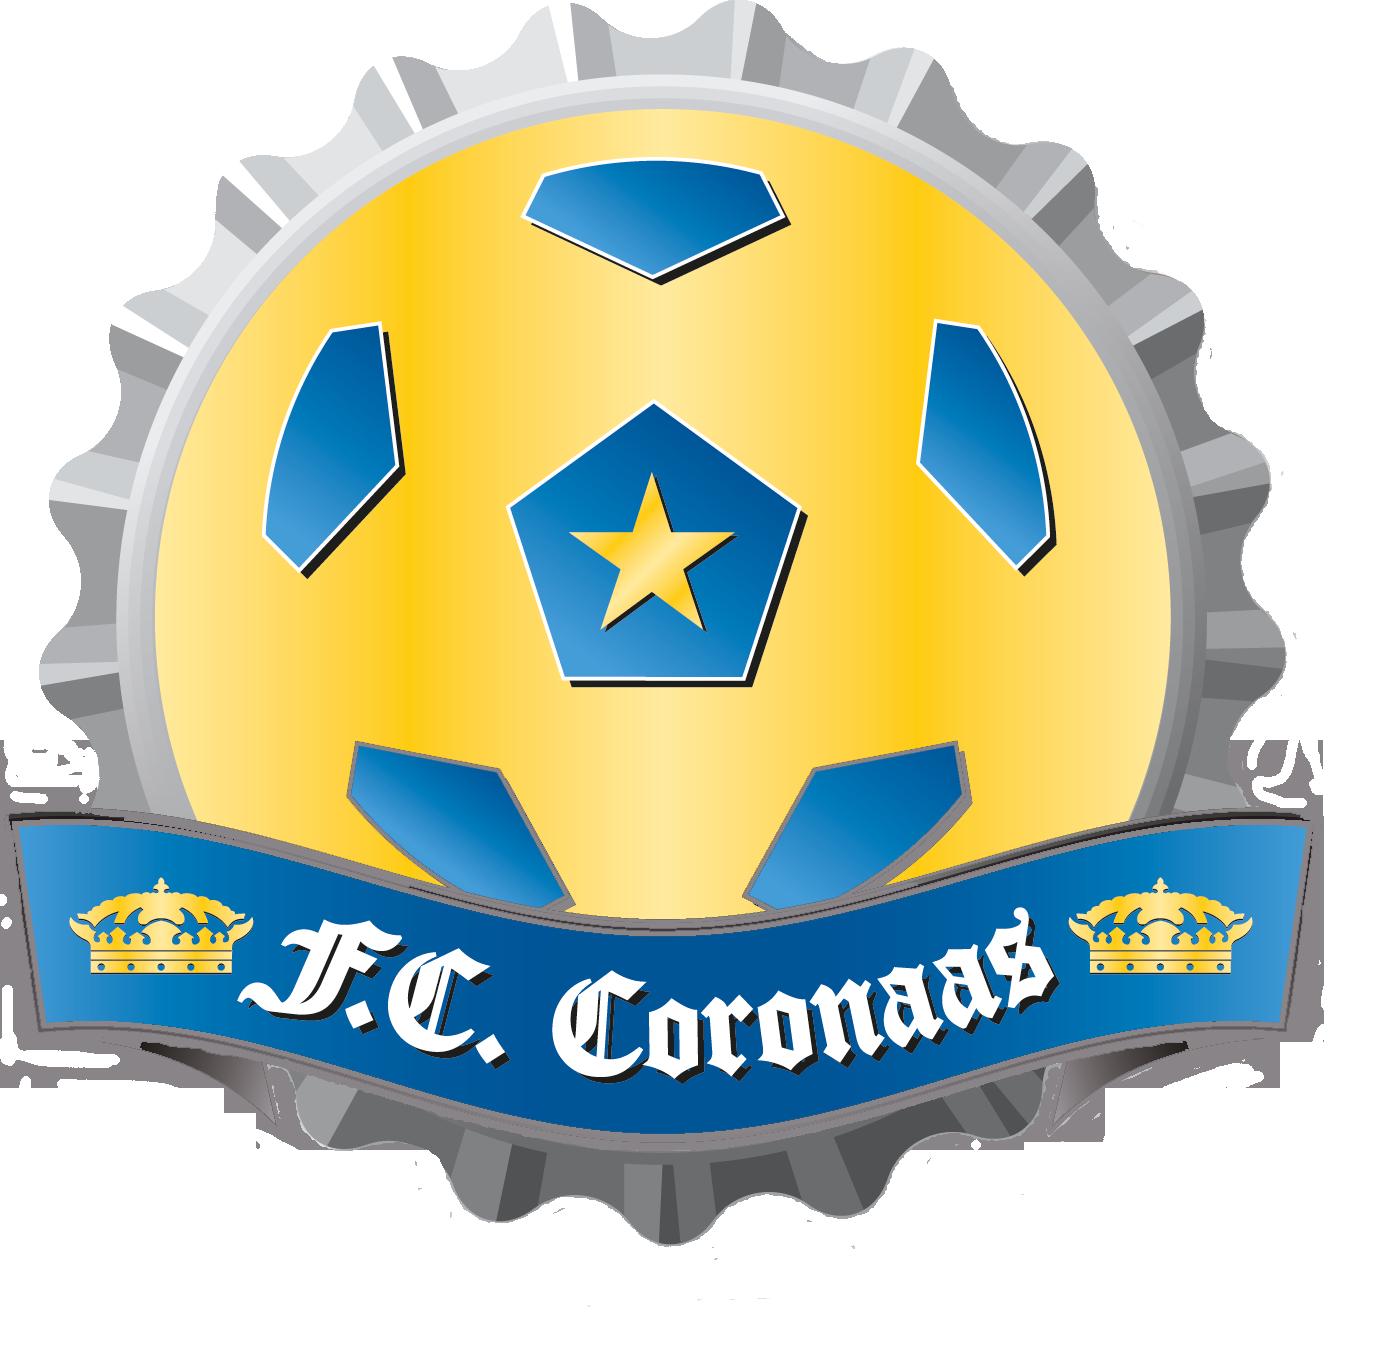 FC_Coronaaas logo